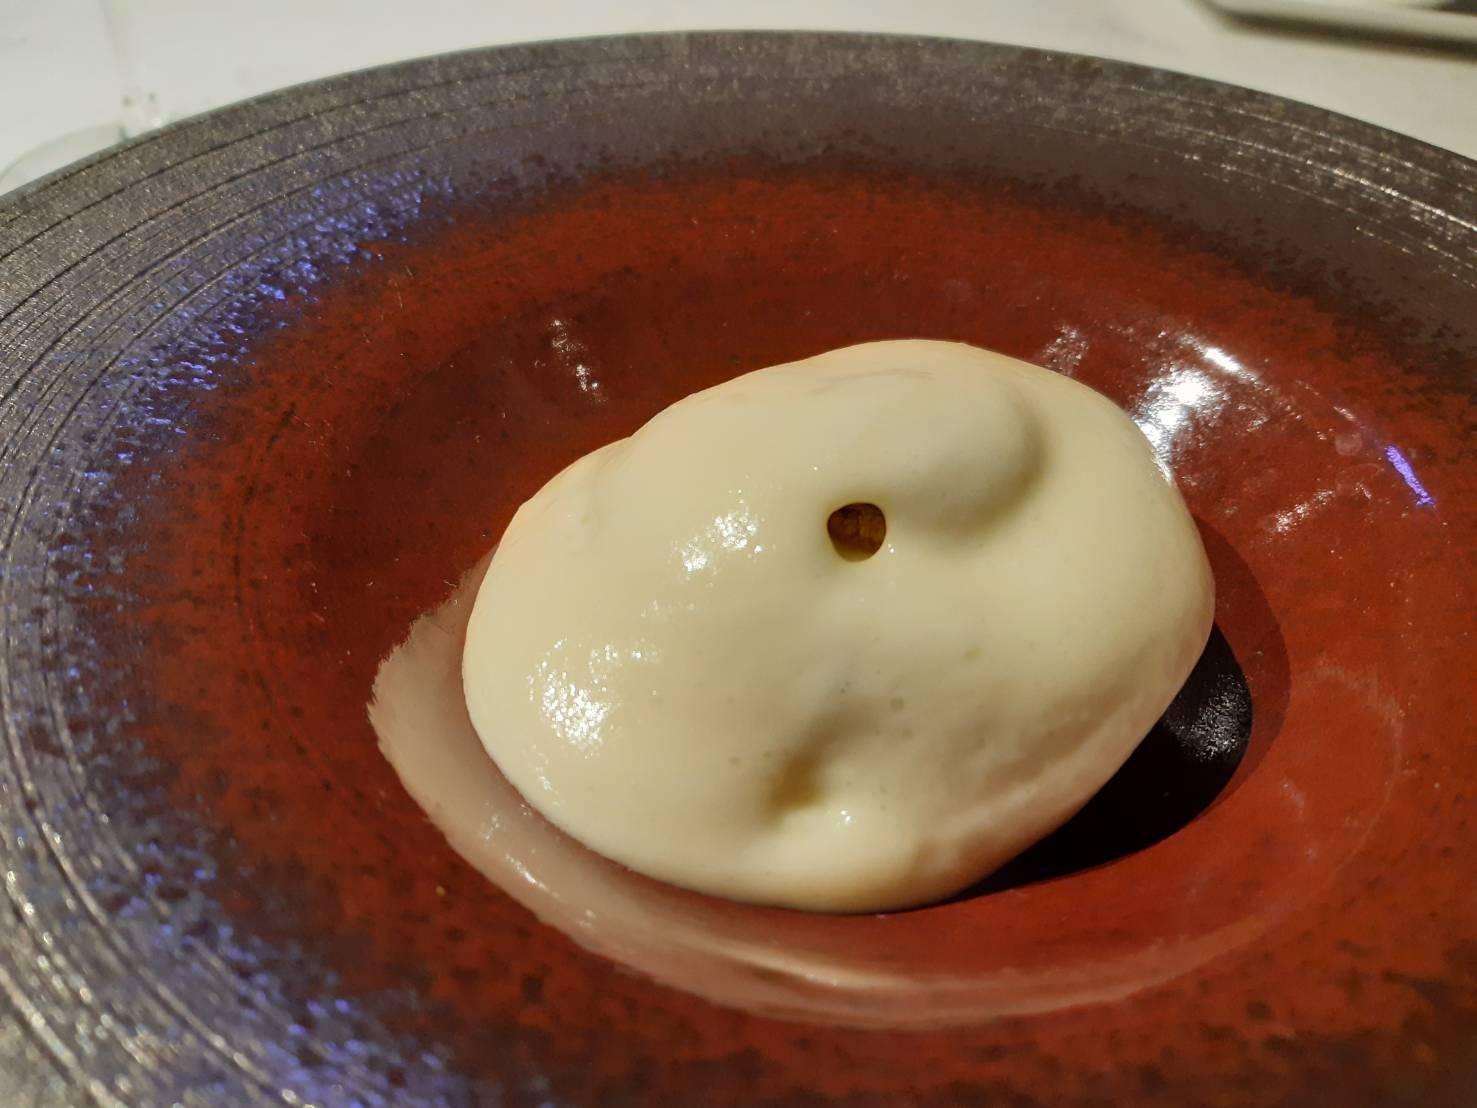 雲林水林洋菇炭烤後搭上松露以及台中潭子馬鈴薯製成的慕斯。(圖片:謝明玲攝)